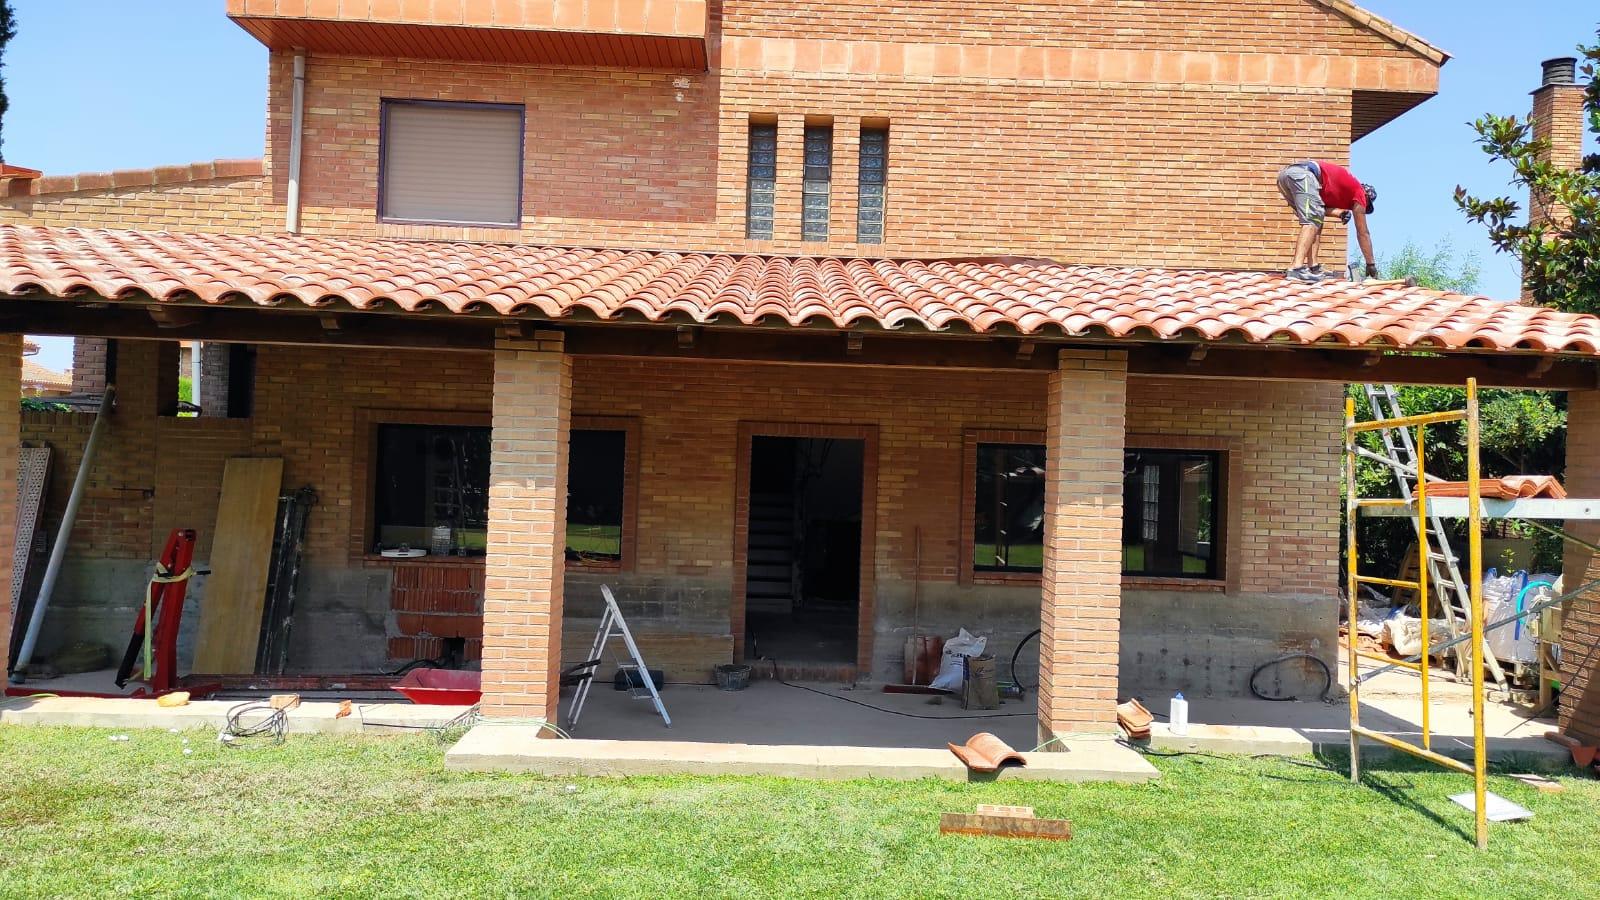 Artybel-porche-setabia-teja-ceramica-cubierta